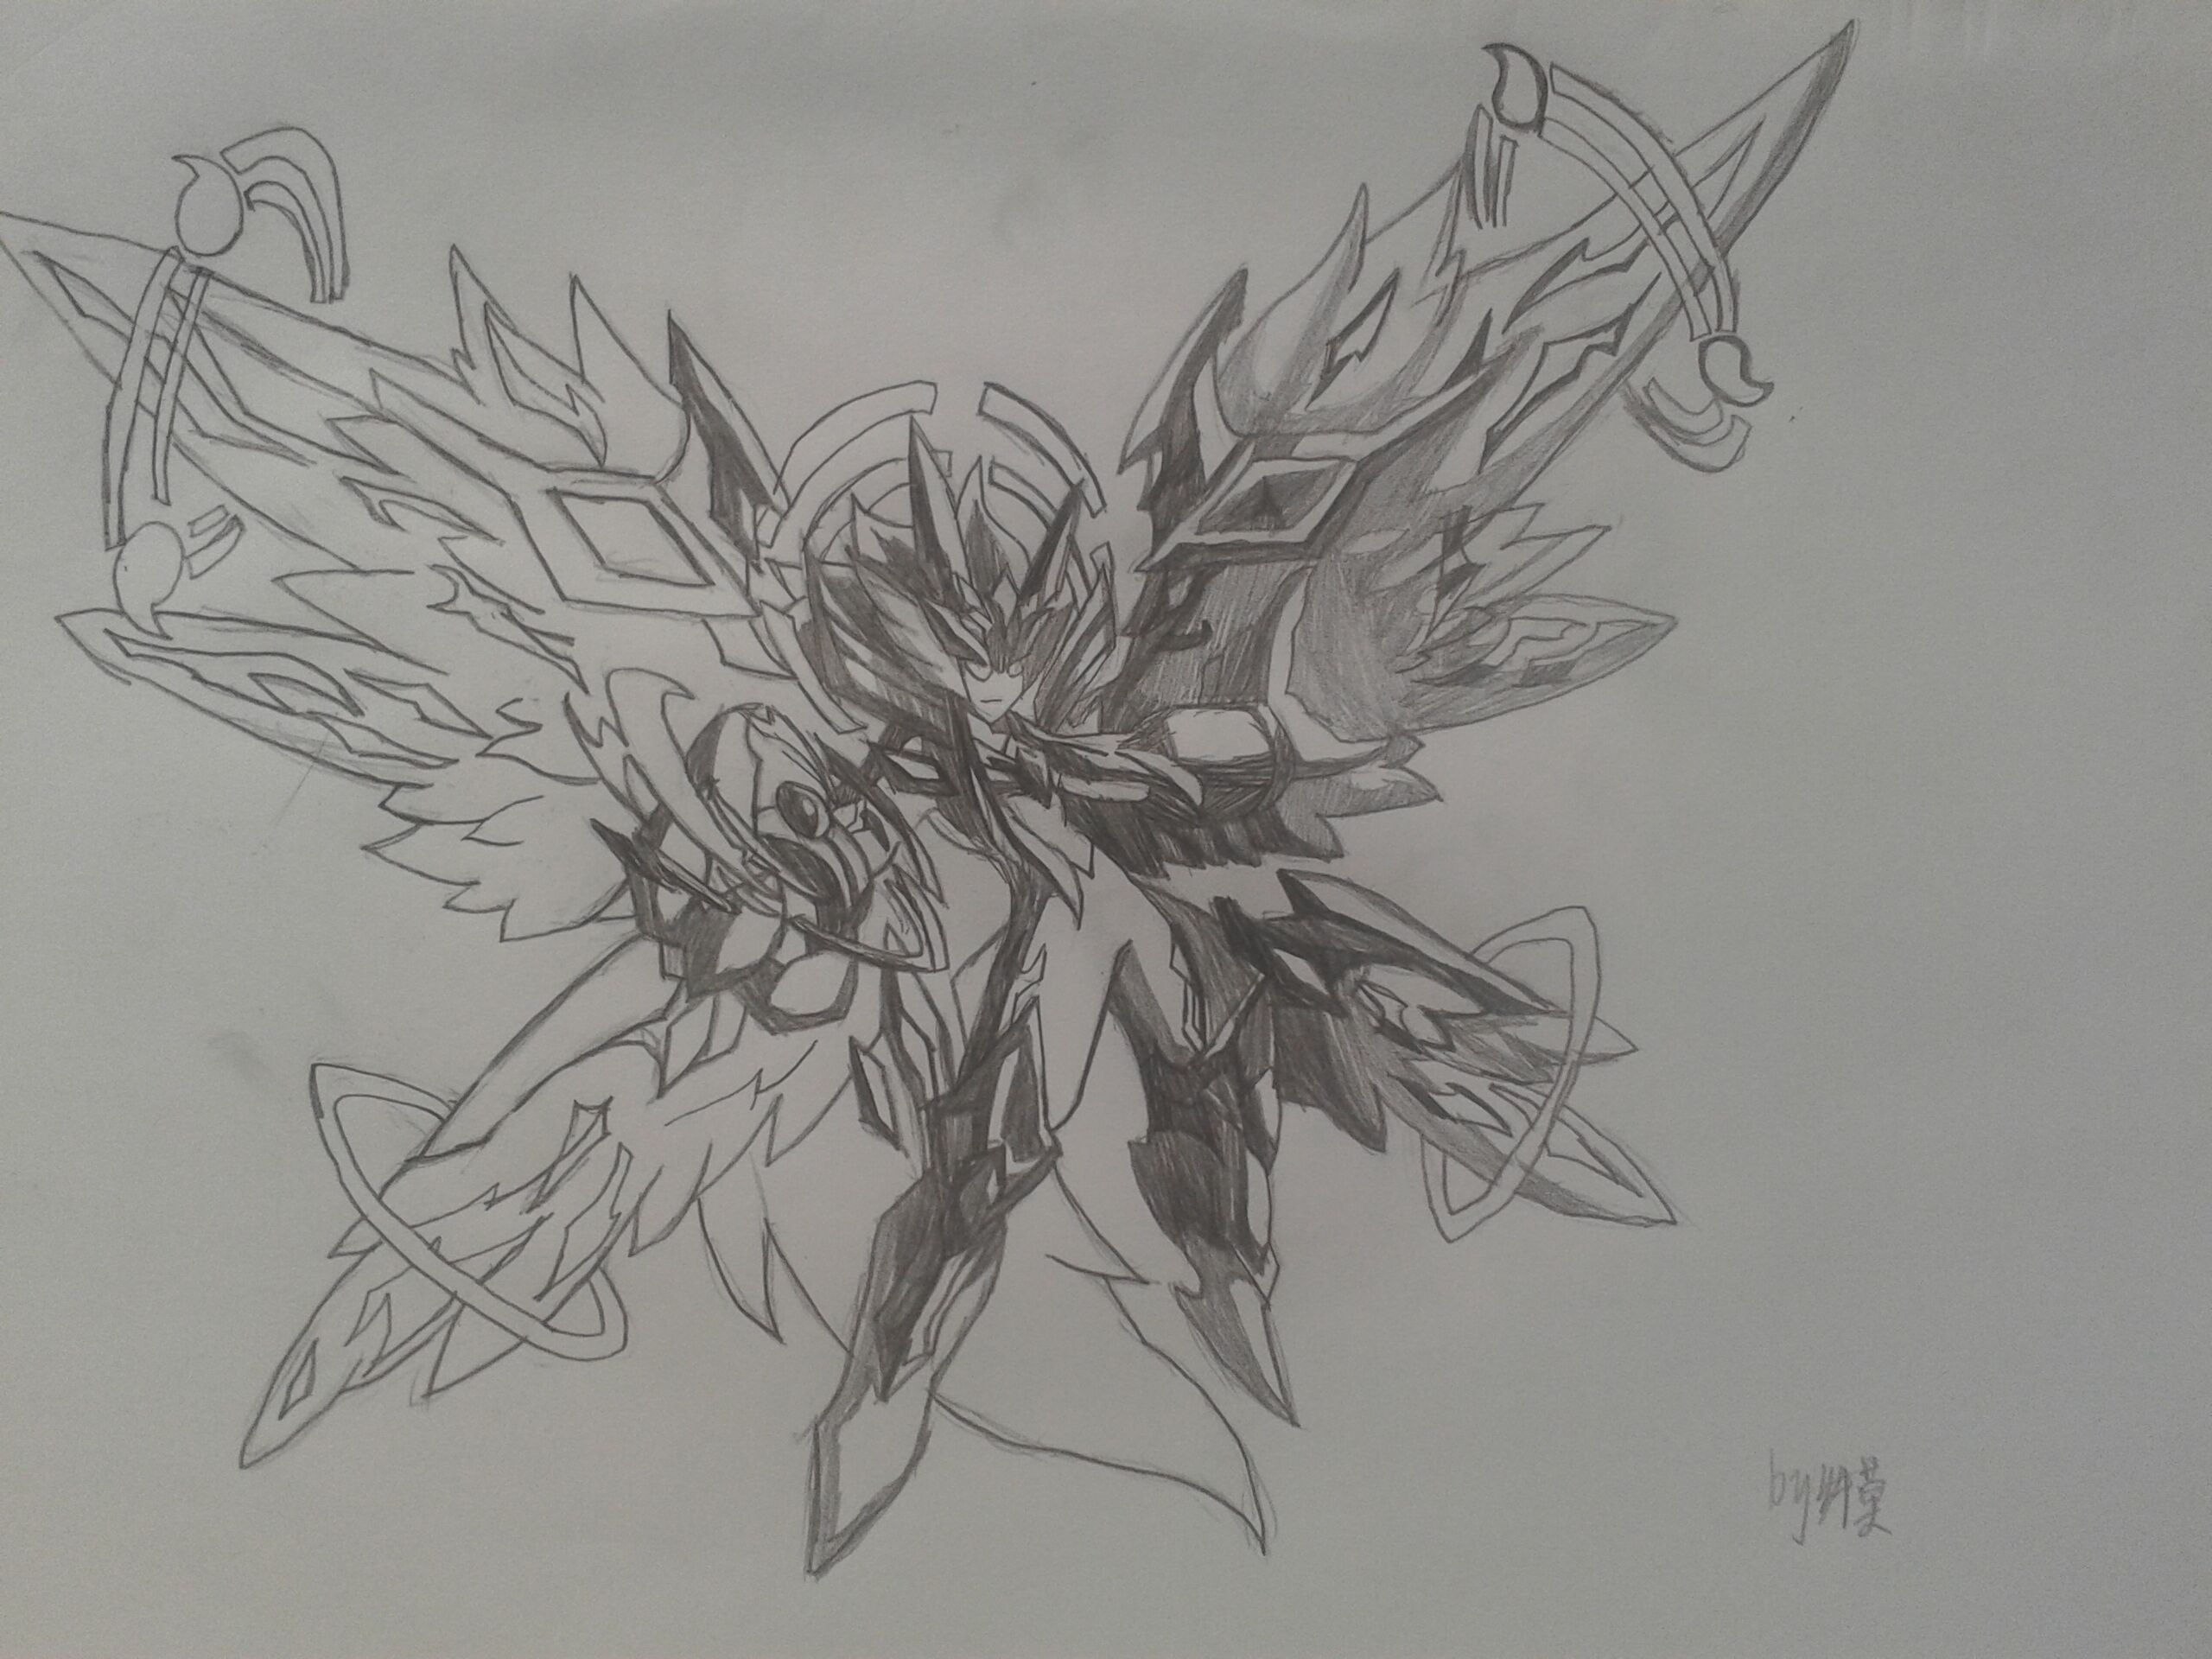 魔方素描画步骤